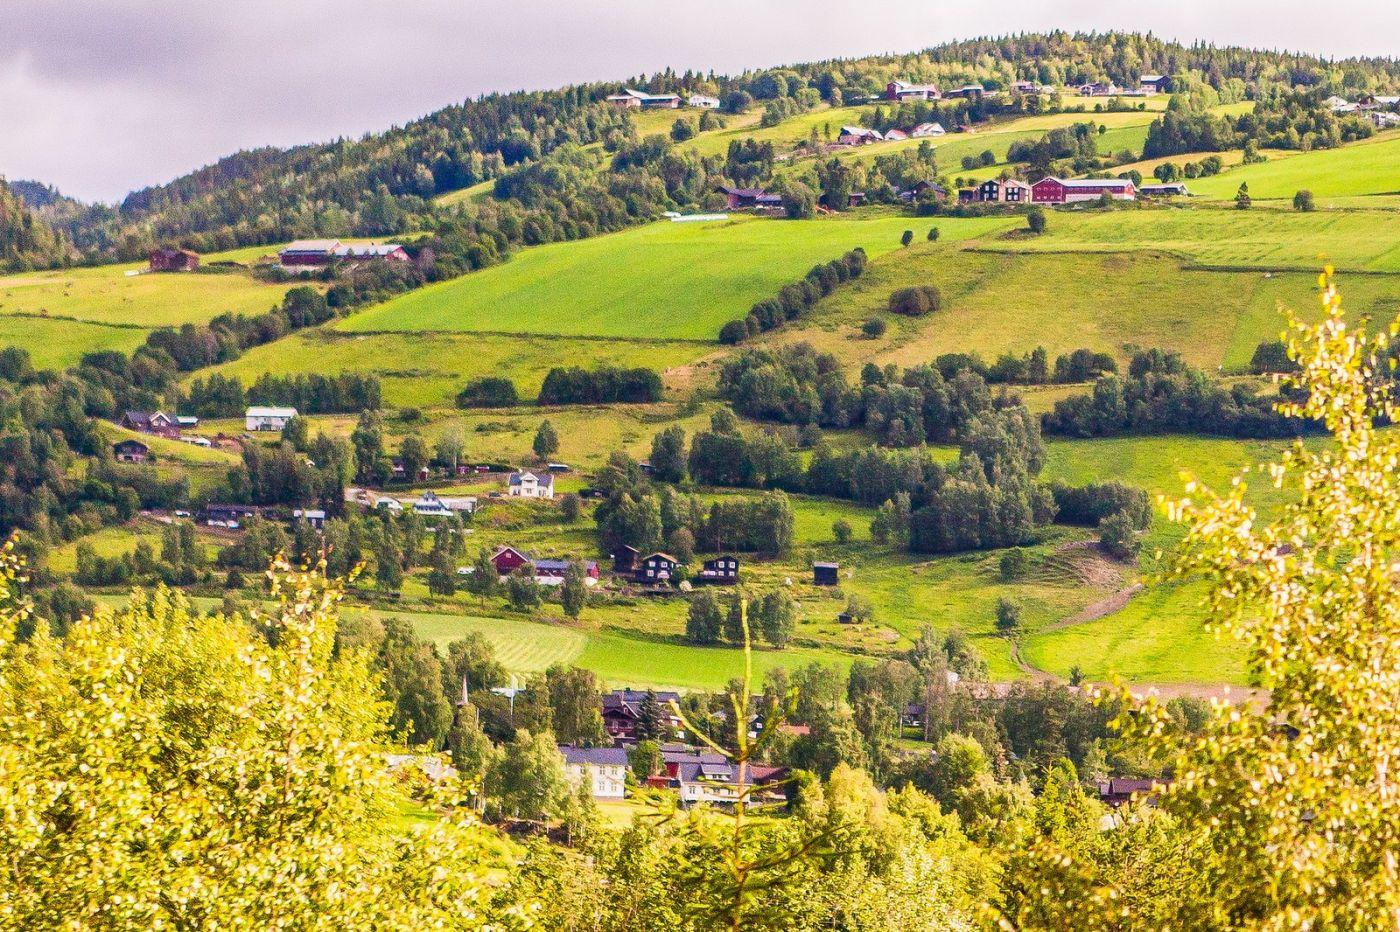 北欧风光,风景美如画_图1-31